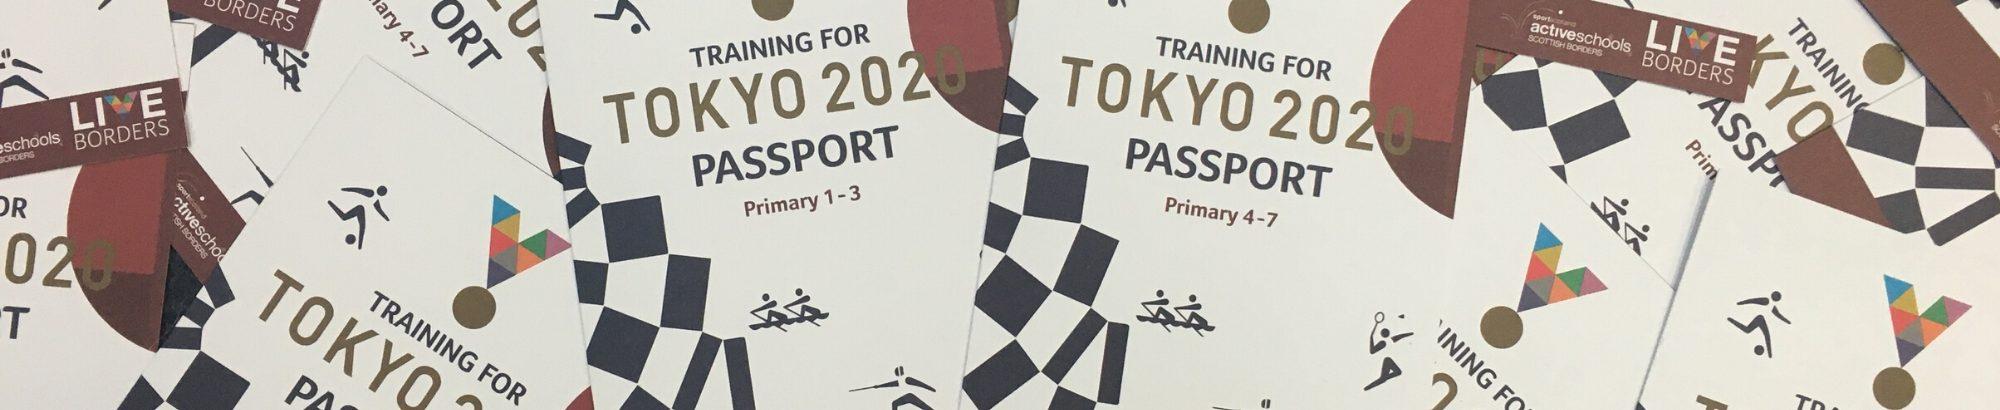 Passport-long.jpg